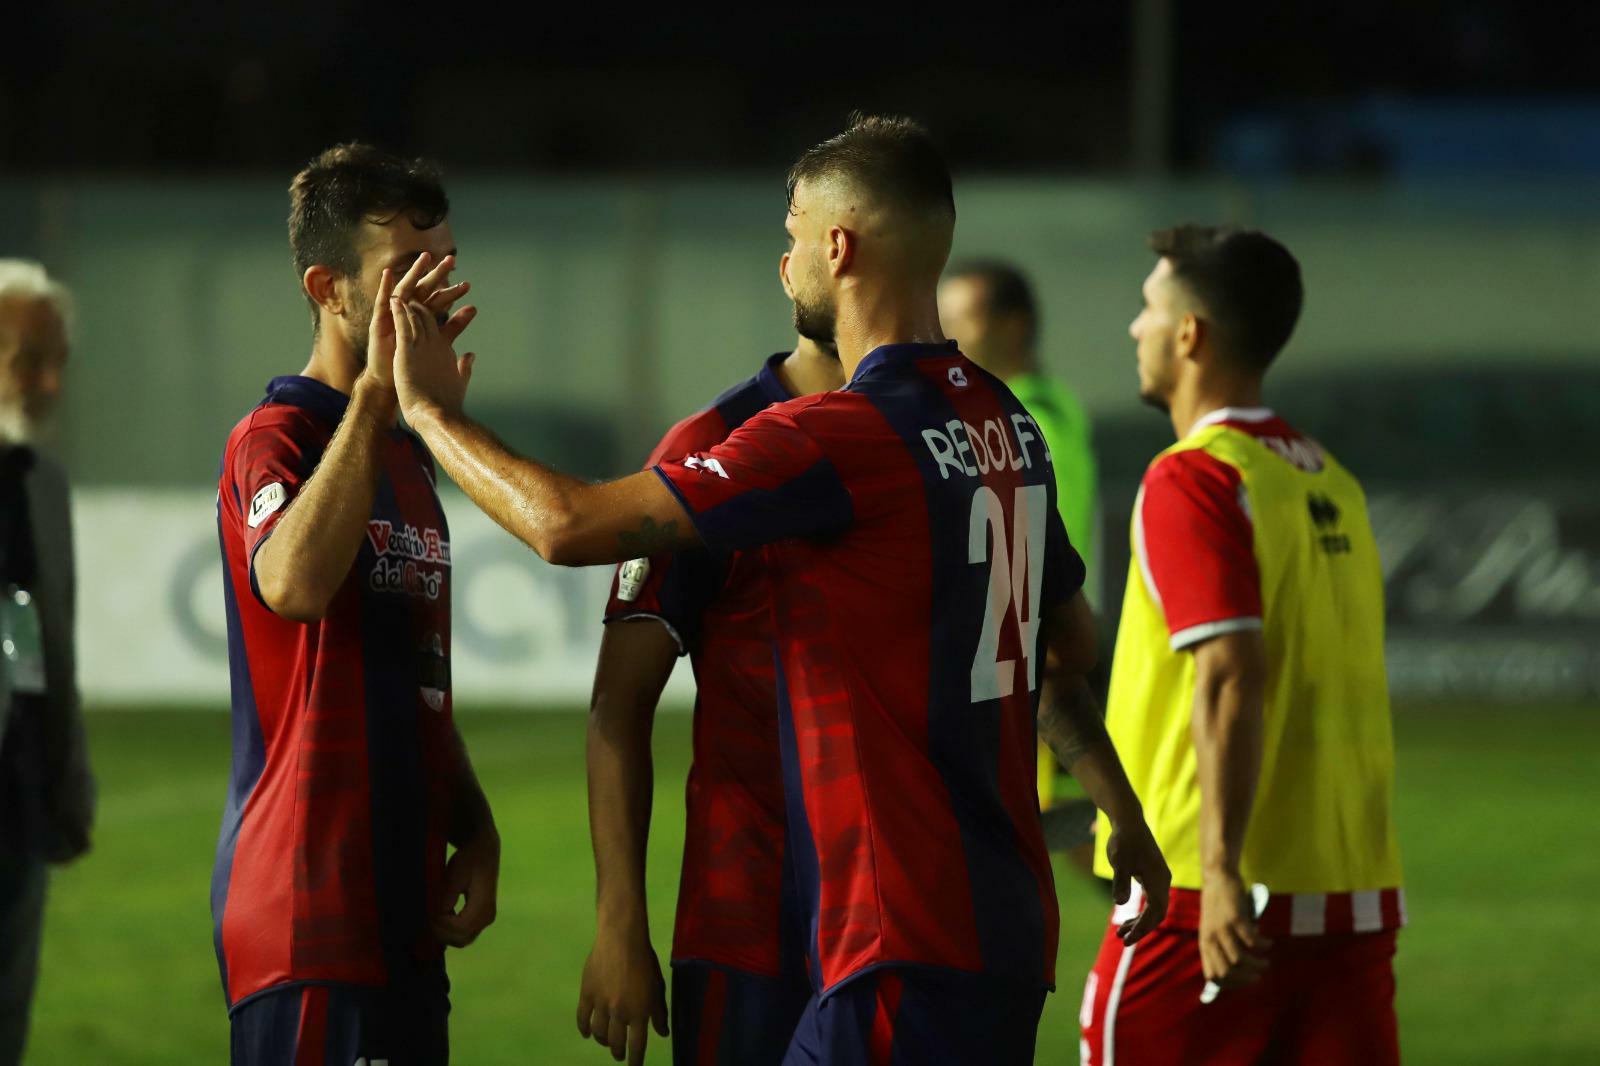 CASERTANA - VIBONESE 1-2 | Tabellino e statistiche immagine 14457 US Vibonese Calcio